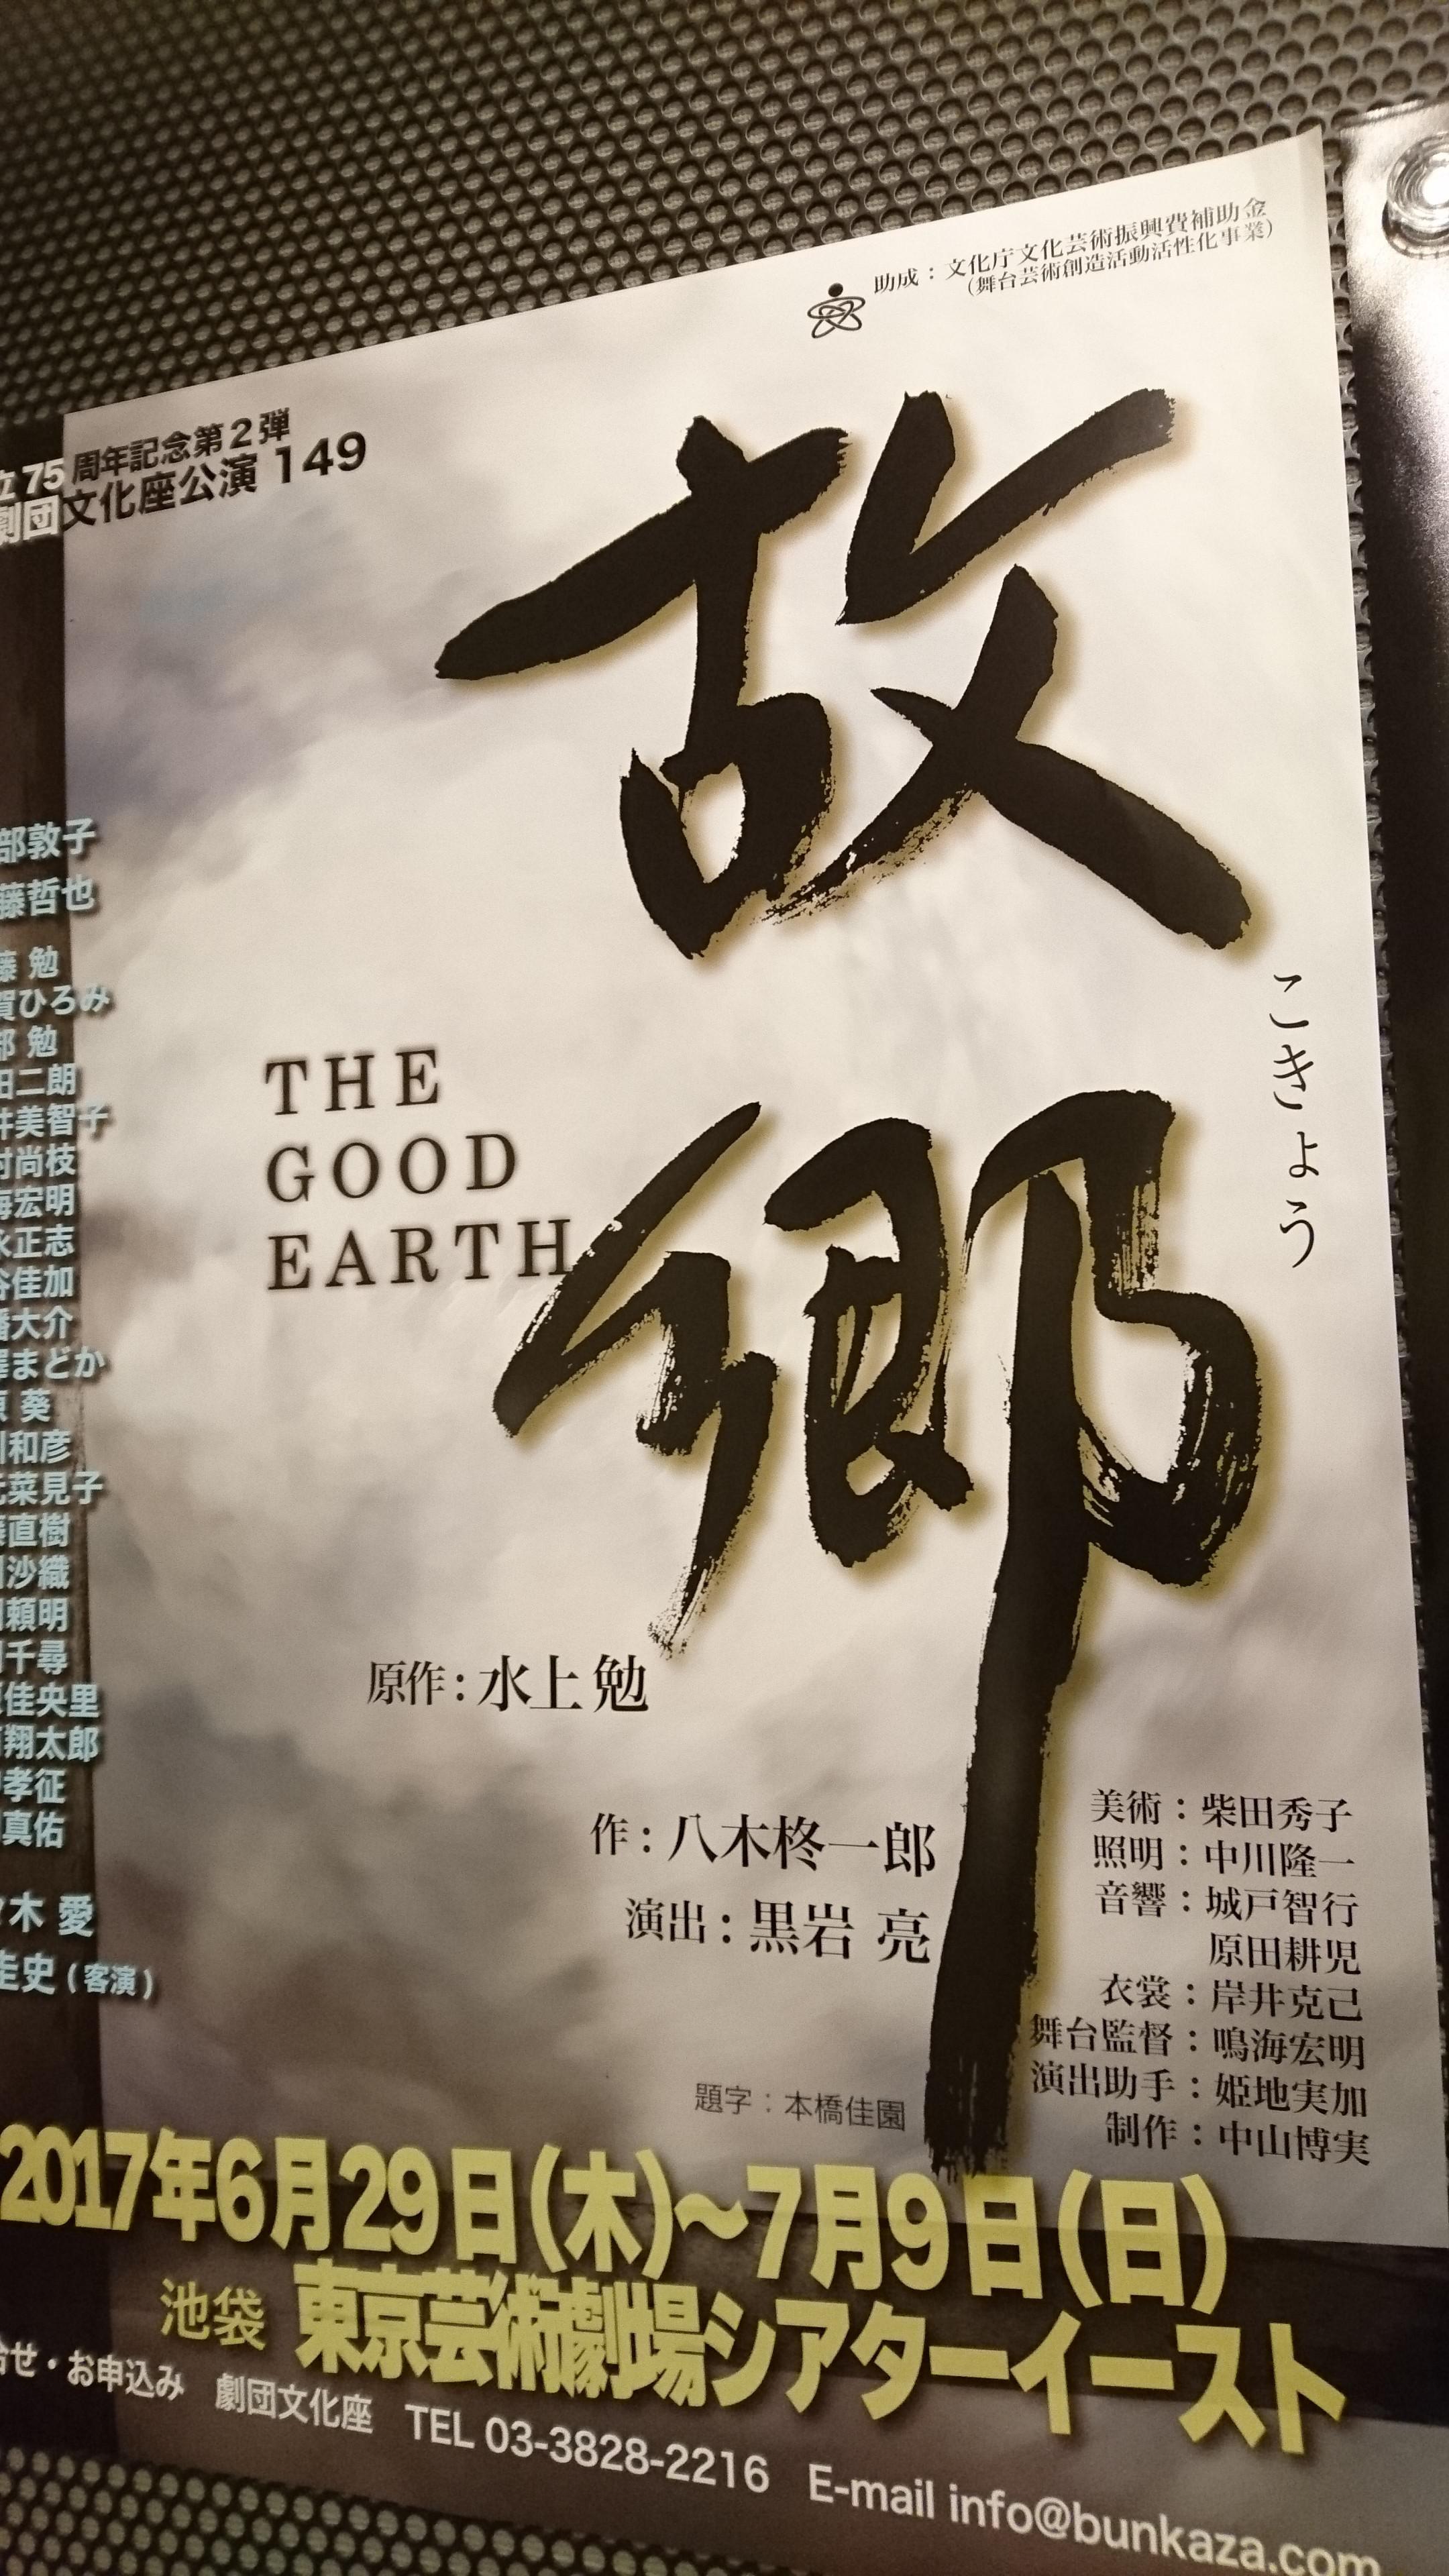 THE GOOD EARTH 🌎 故郷    人間の幸せとは何か?坂戸ヨガサロンひよこから情熱を込めて